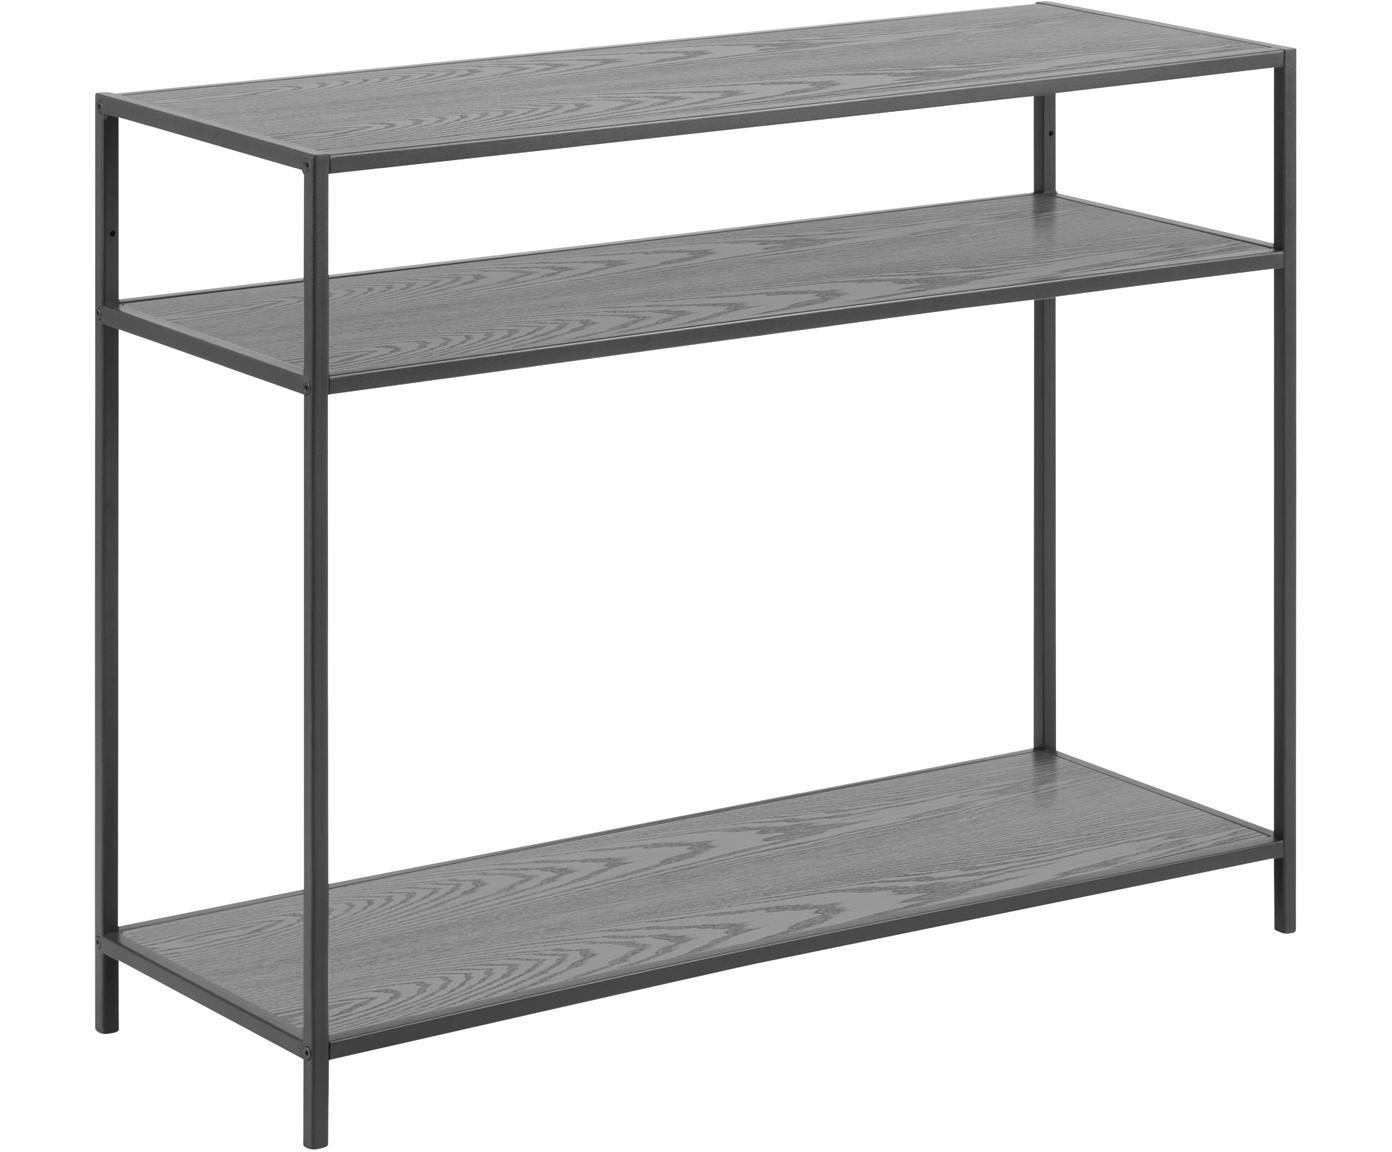 Konsola z drewna i metalu Seaford, Stelaż: metal malowany proszkowo, Czarny, S 100 x G 35 cm